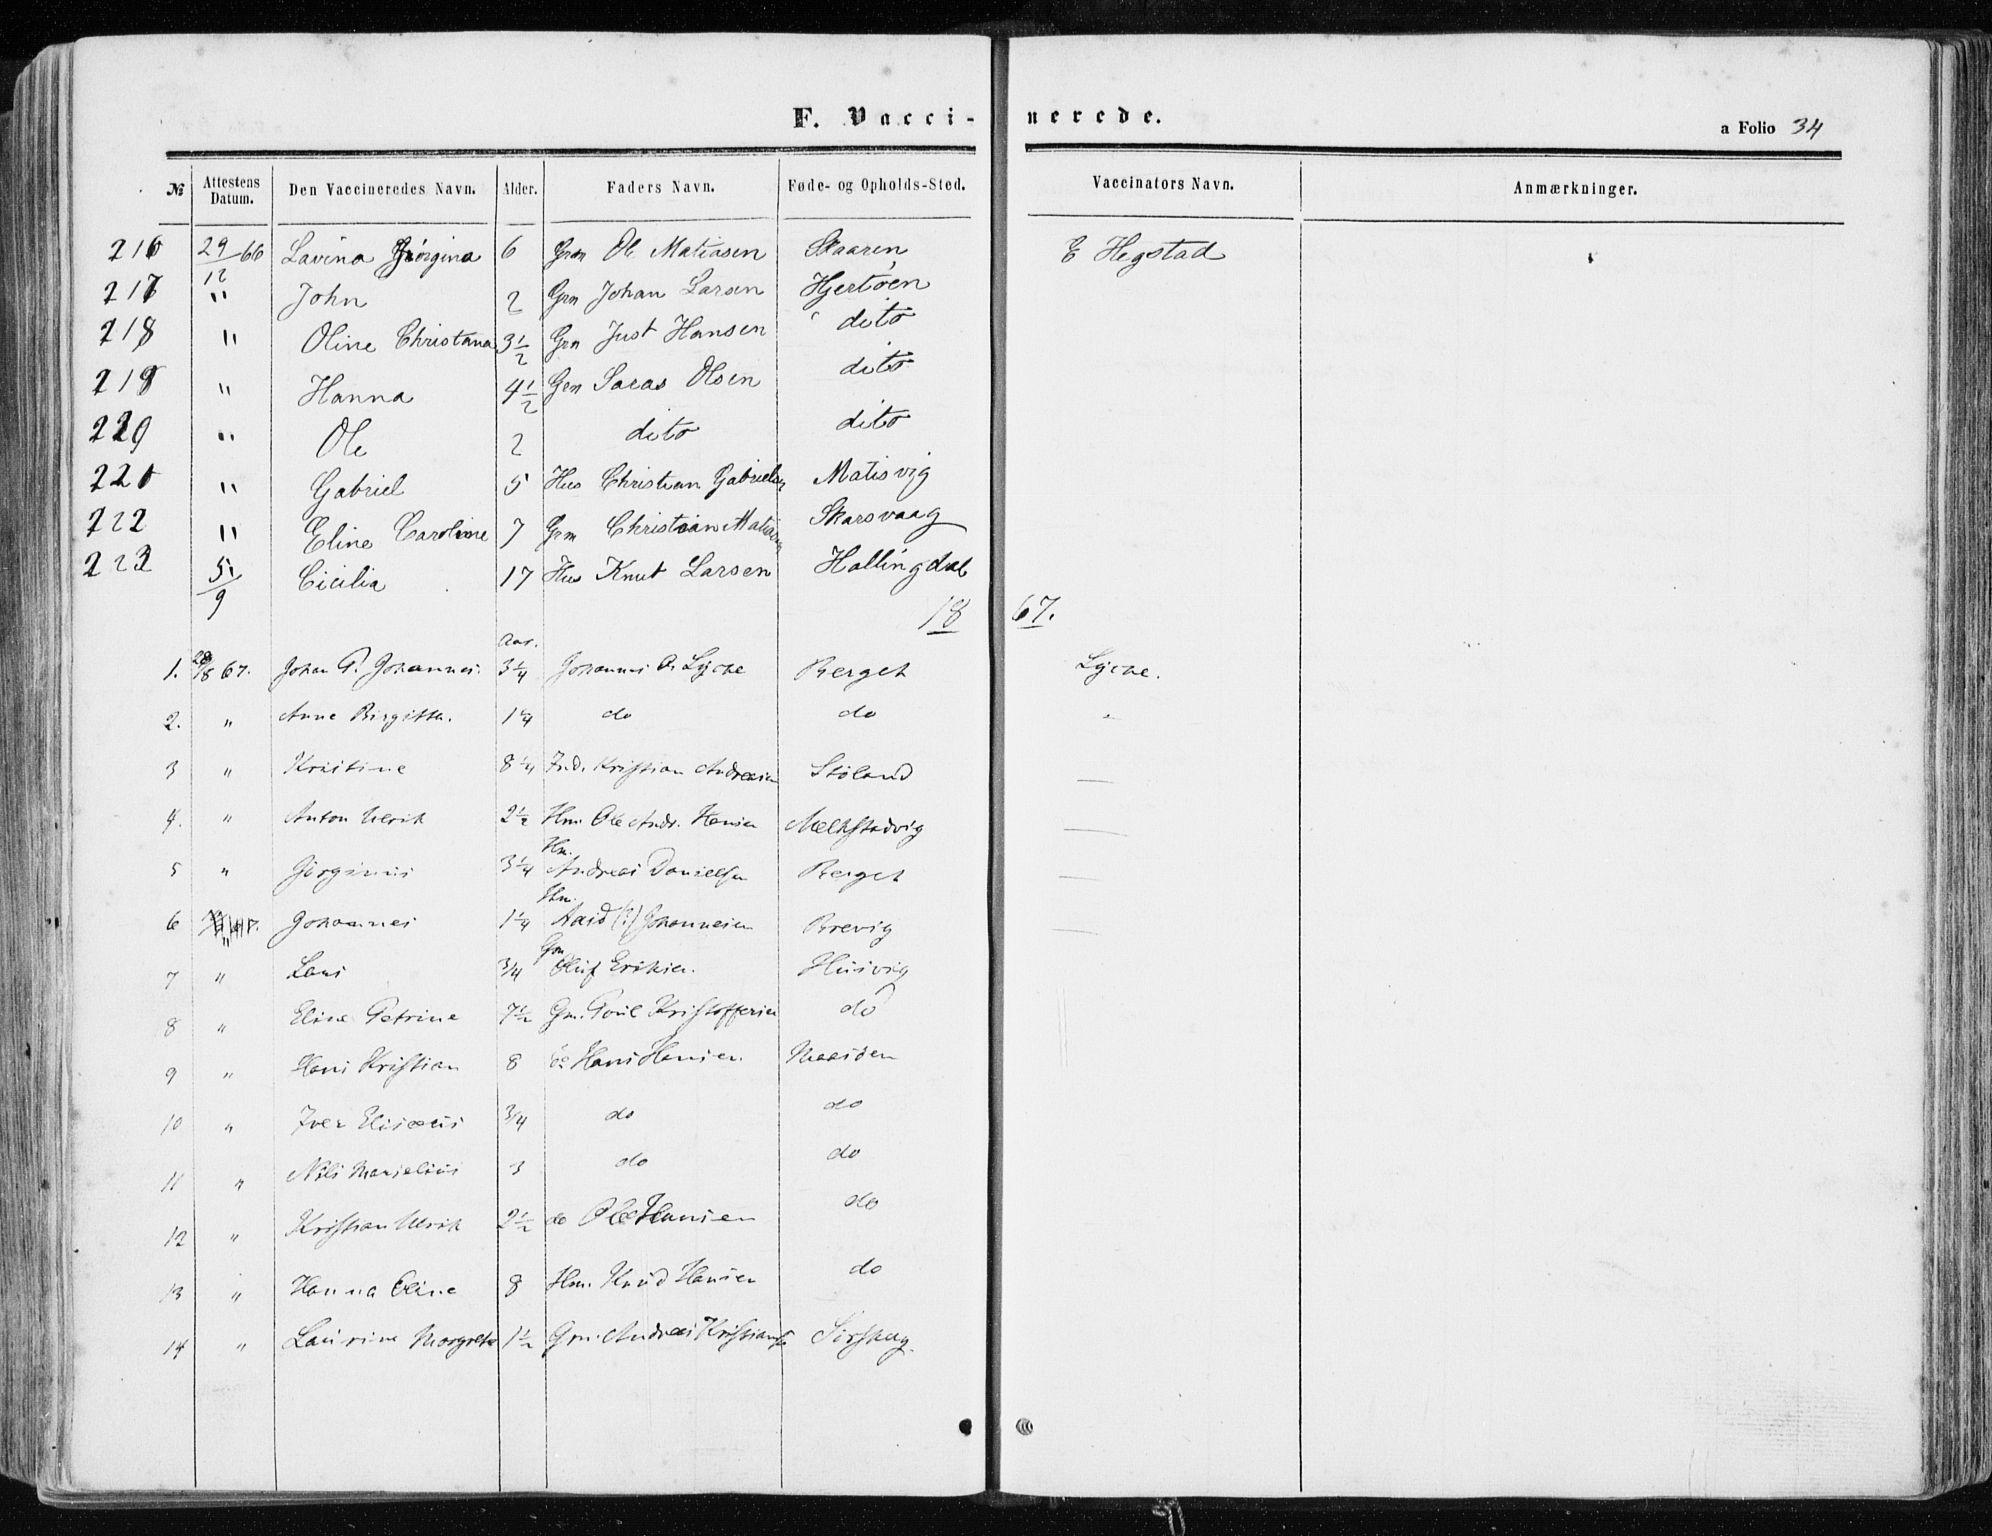 SAT, Ministerialprotokoller, klokkerbøker og fødselsregistre - Sør-Trøndelag, 634/L0531: Ministerialbok nr. 634A07, 1861-1870, s. 34